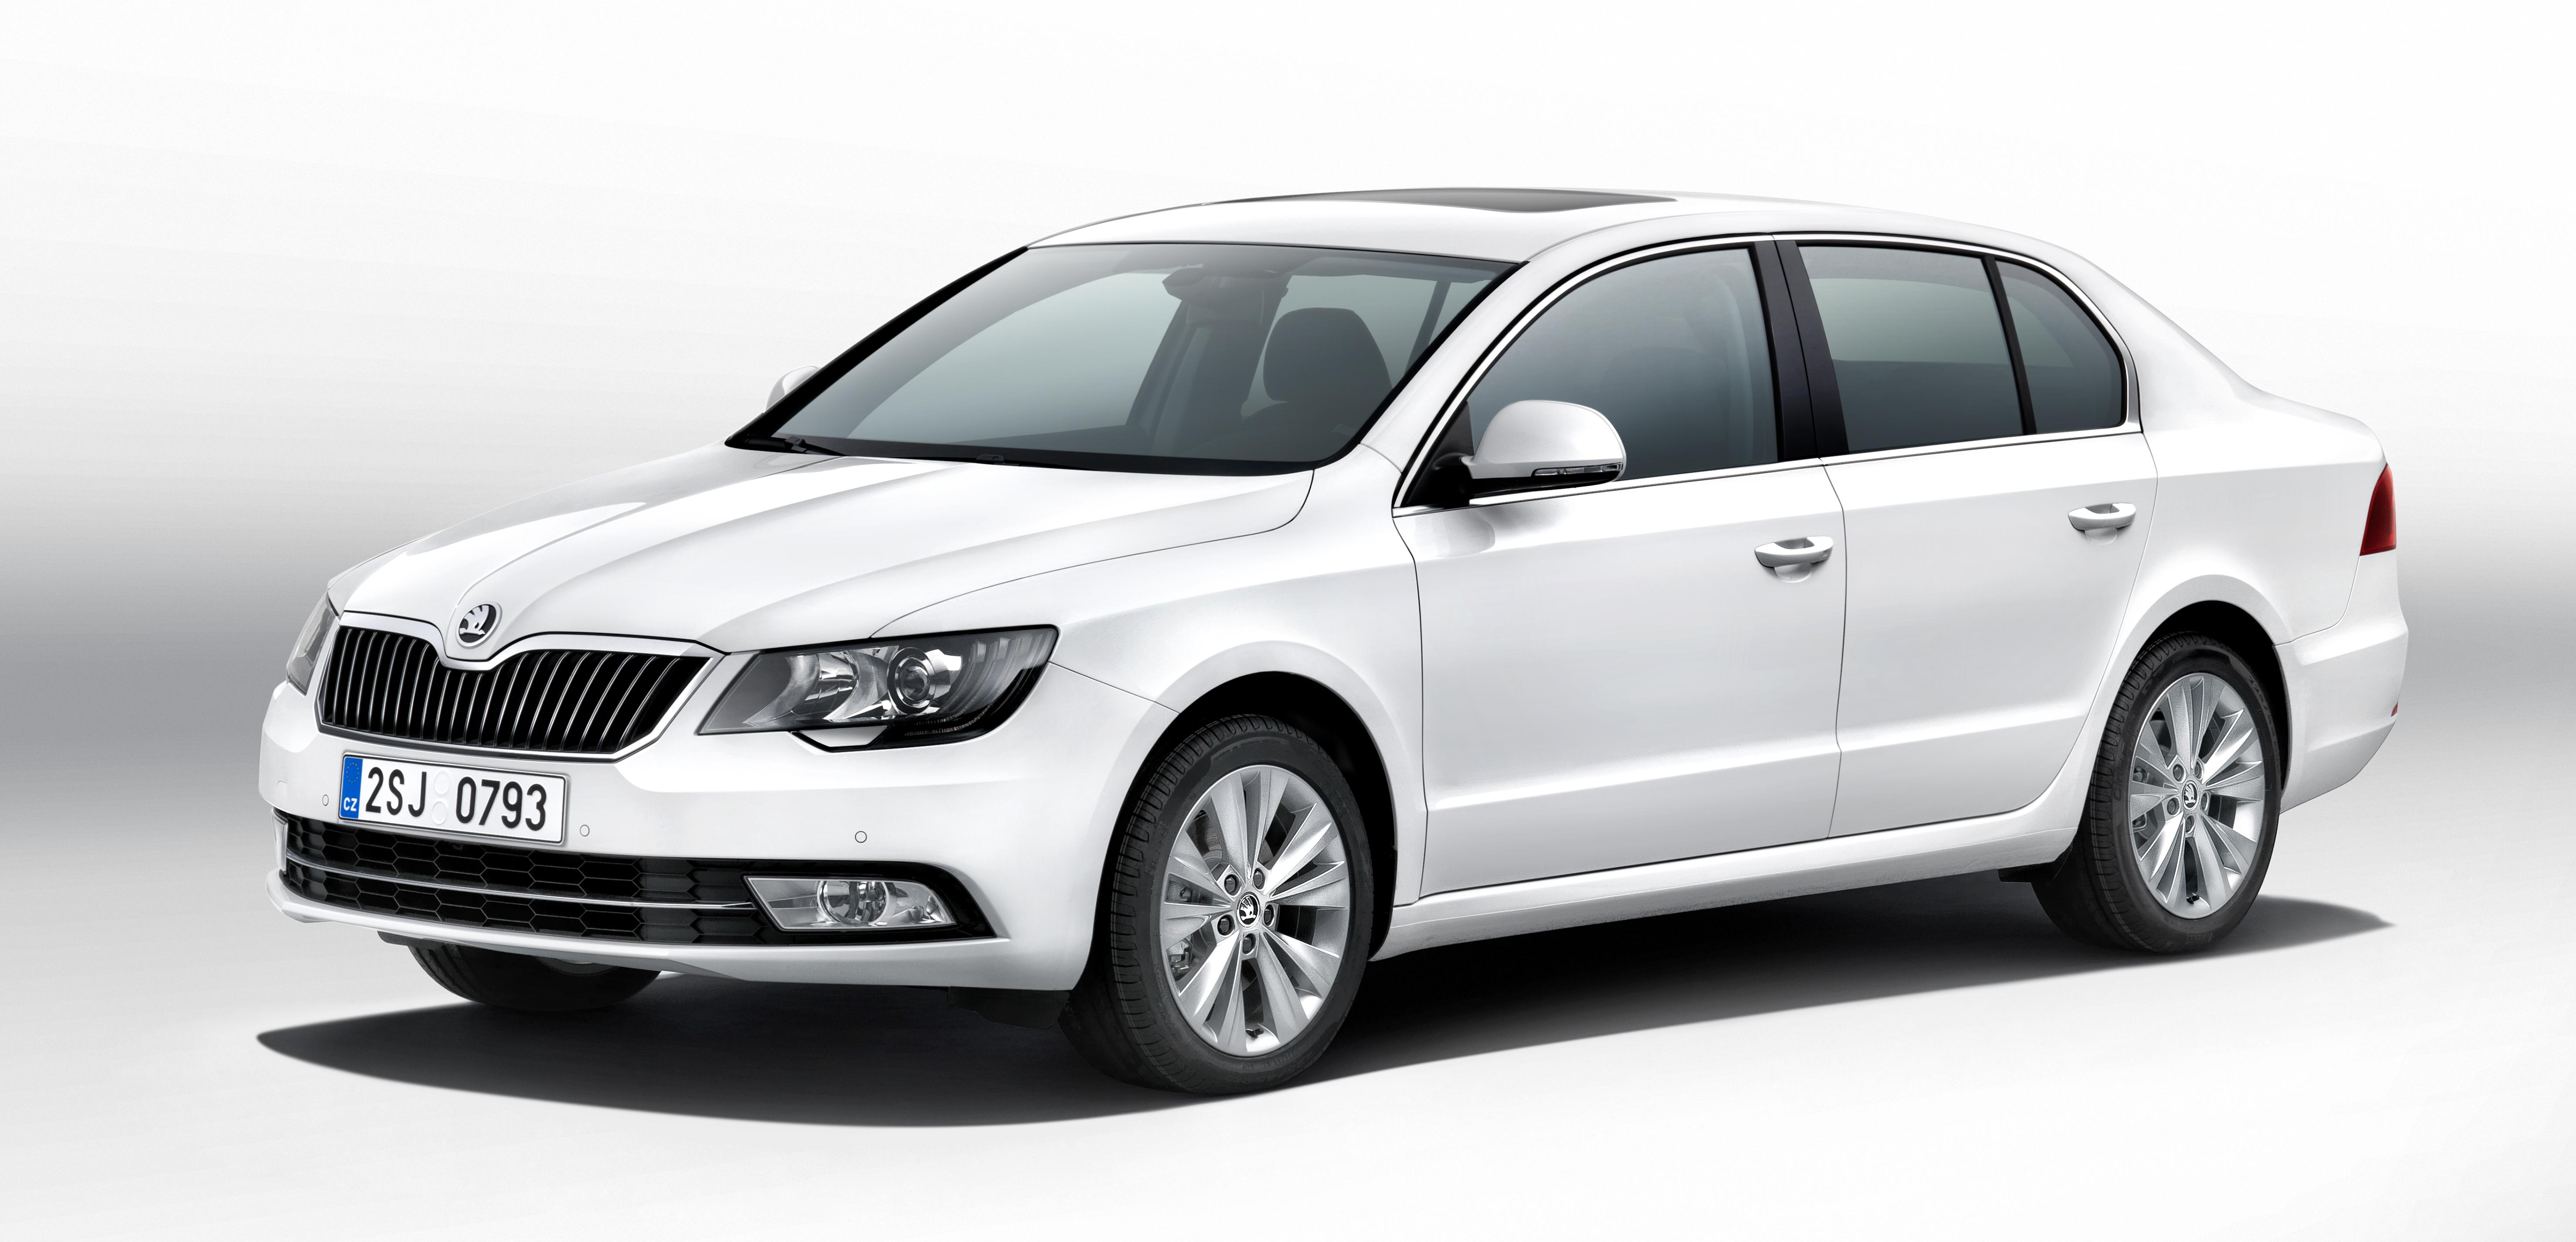 Átfogó modellfrissítéssel érkezik a Škoda megújult zászlóshajója